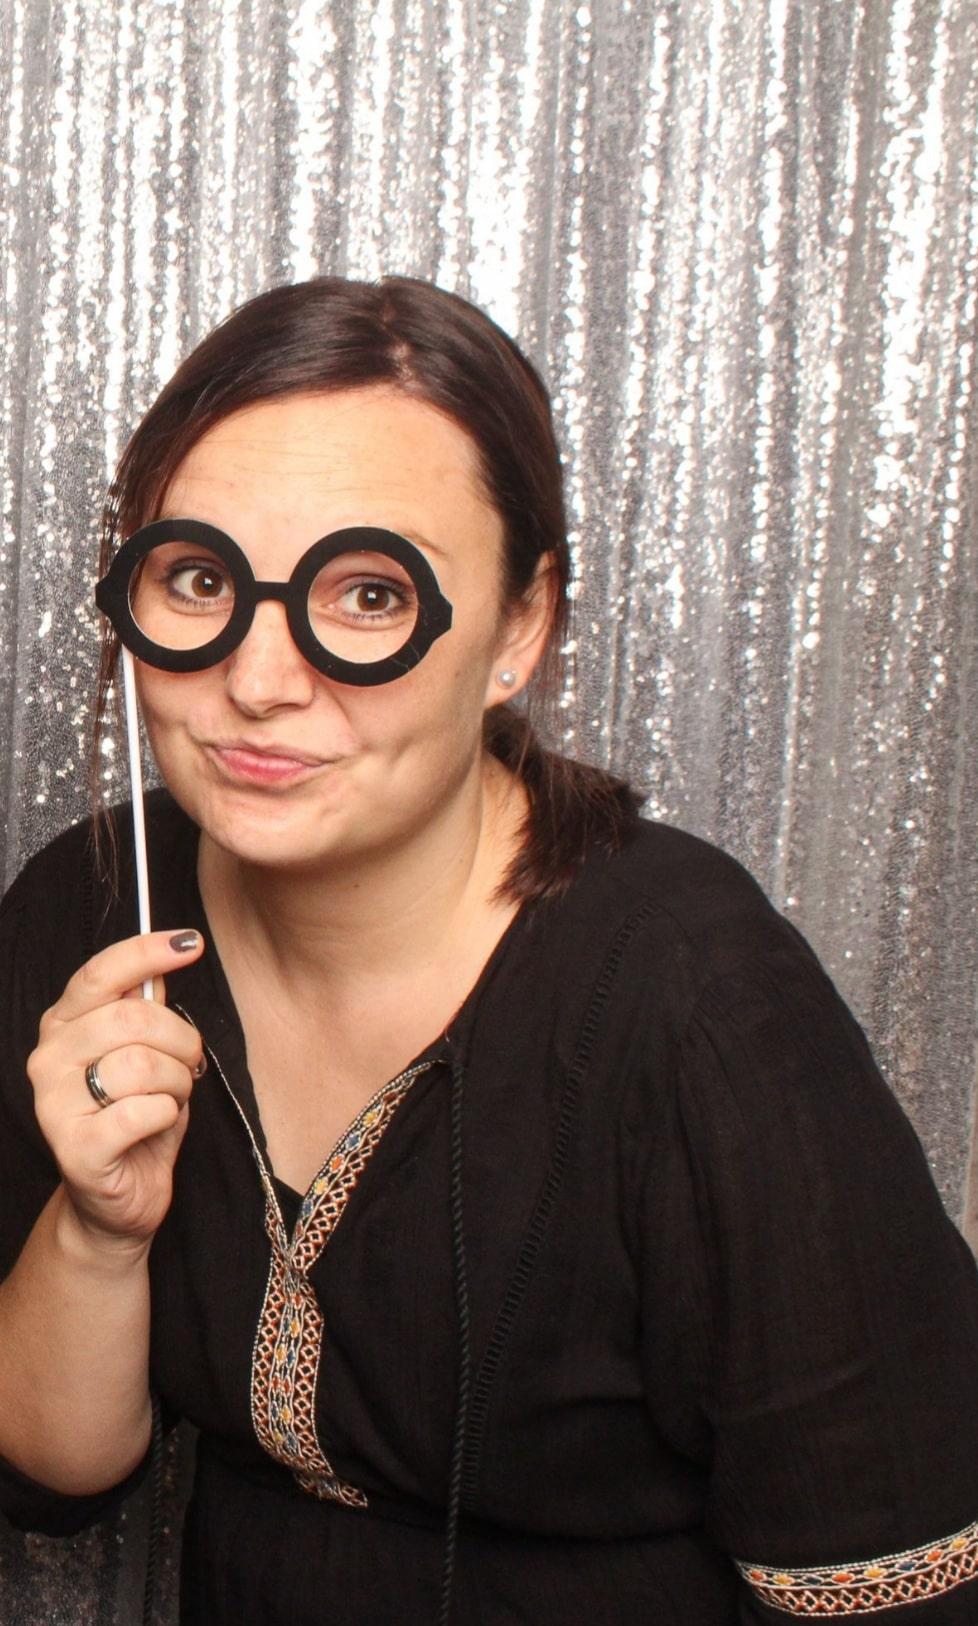 Homestory - Bei Lesern Zuhause - Homestory: Sarah lebt gemütlich- so geht's einfach Desmondo dein online Magazin und Shop